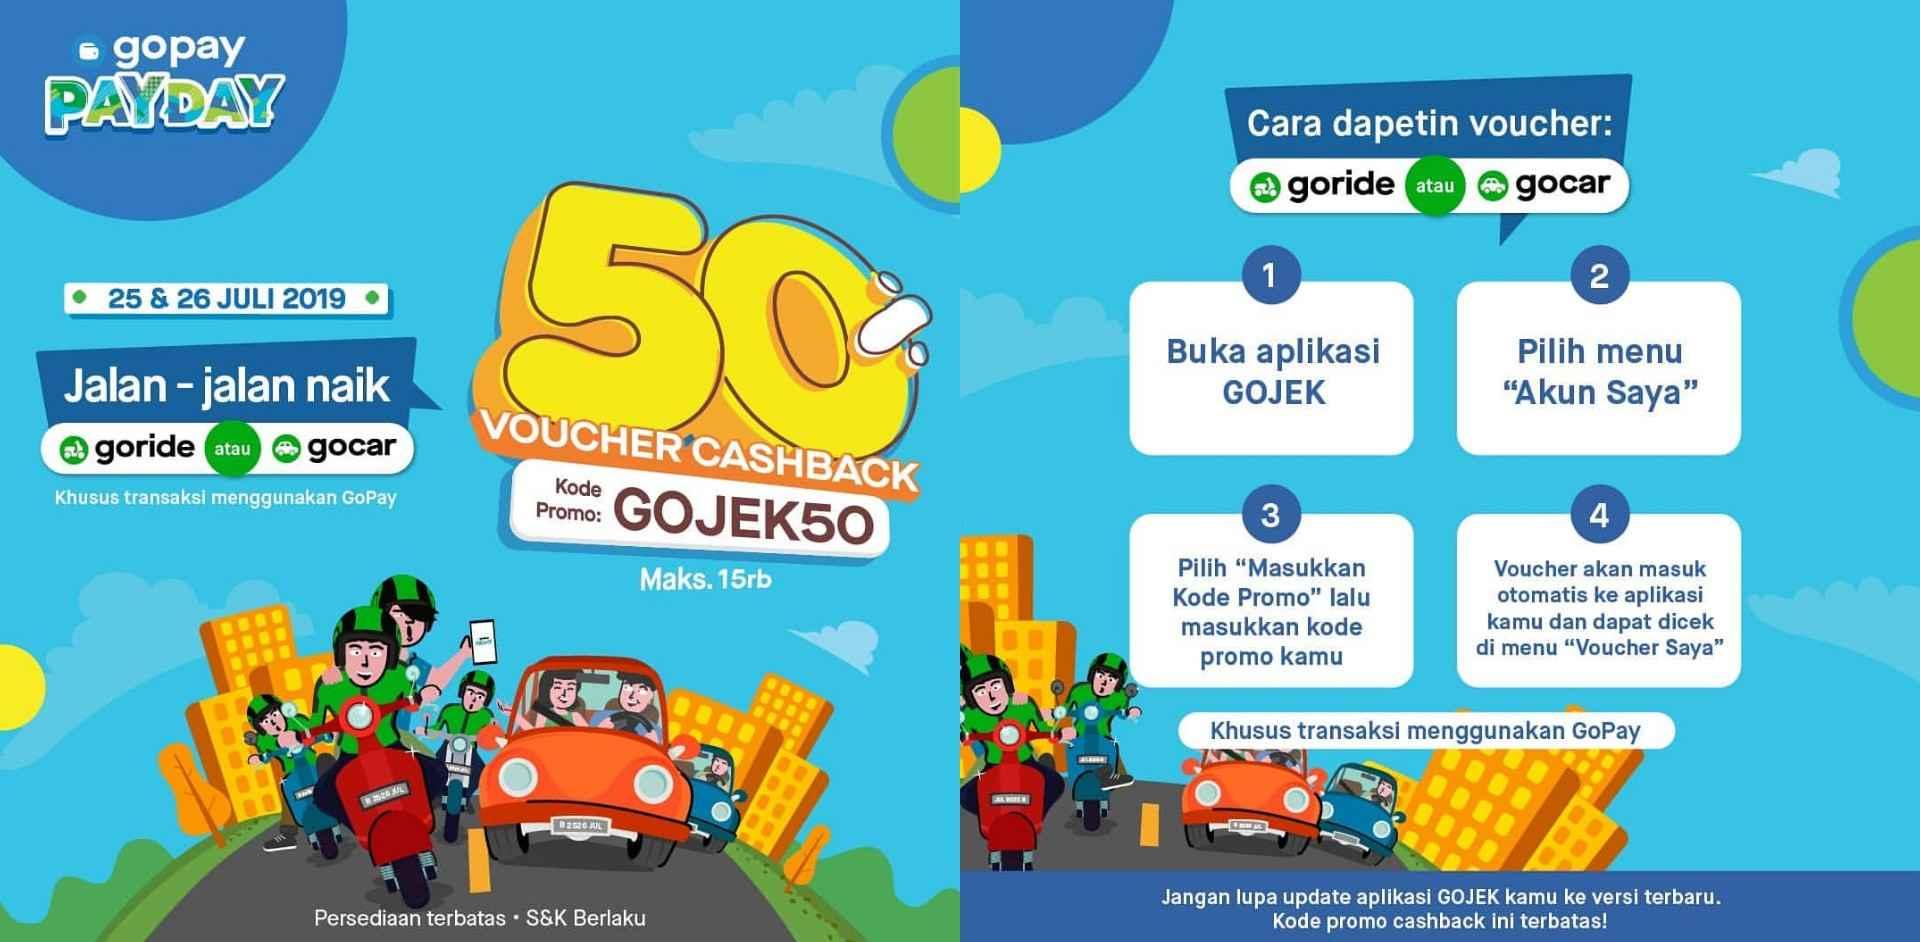 GOPAY PAYDAY, CASHBACK 50% nge GO-CAR & GO-RIDE